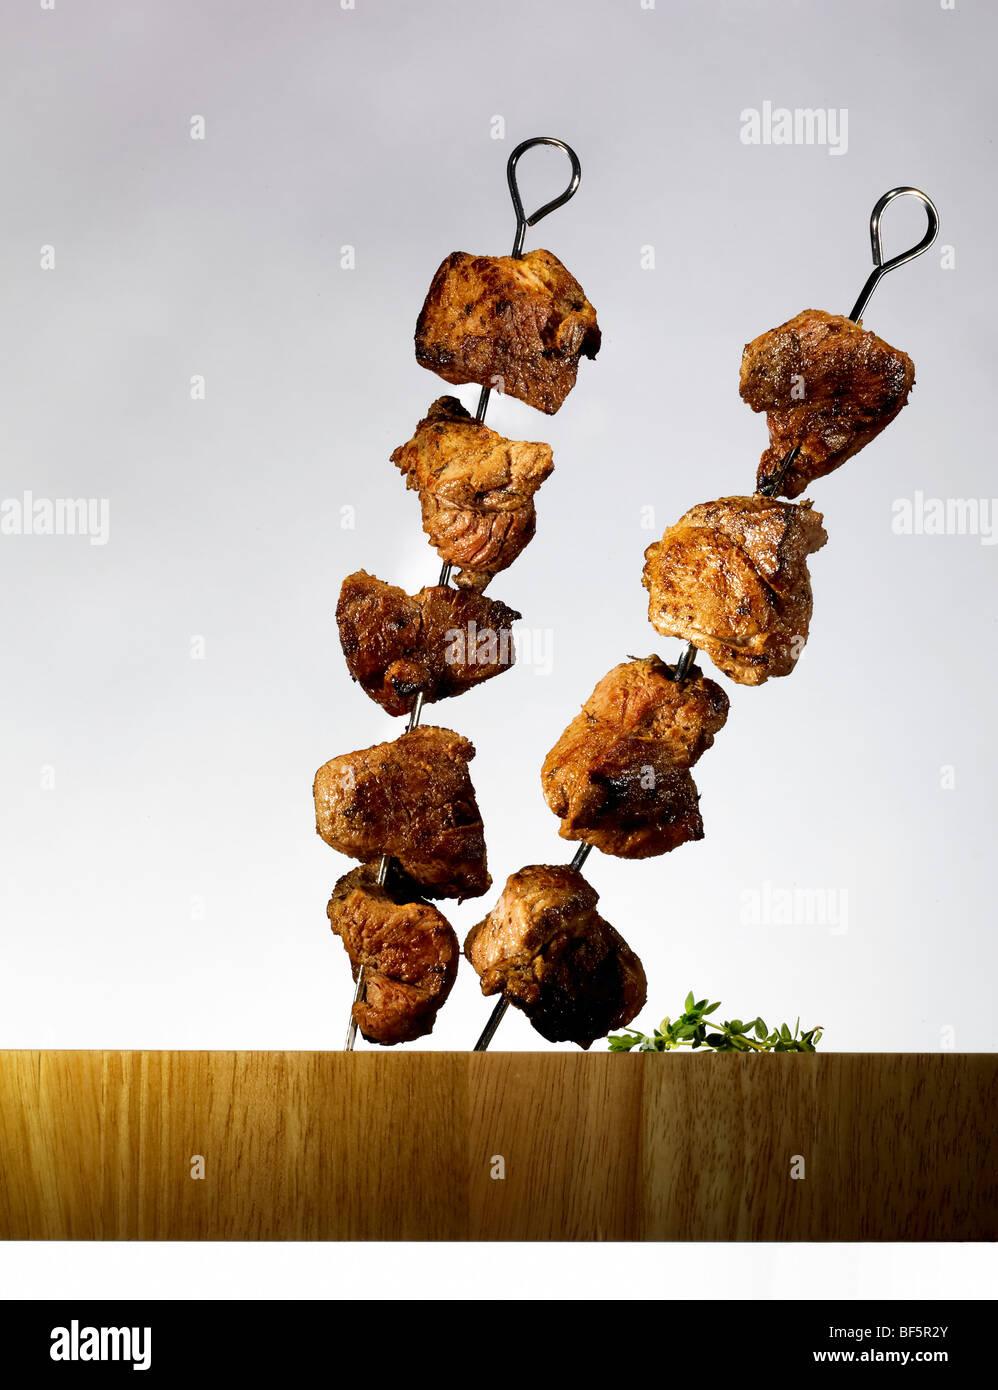 Beef kebabs on skewers. Stock Photo